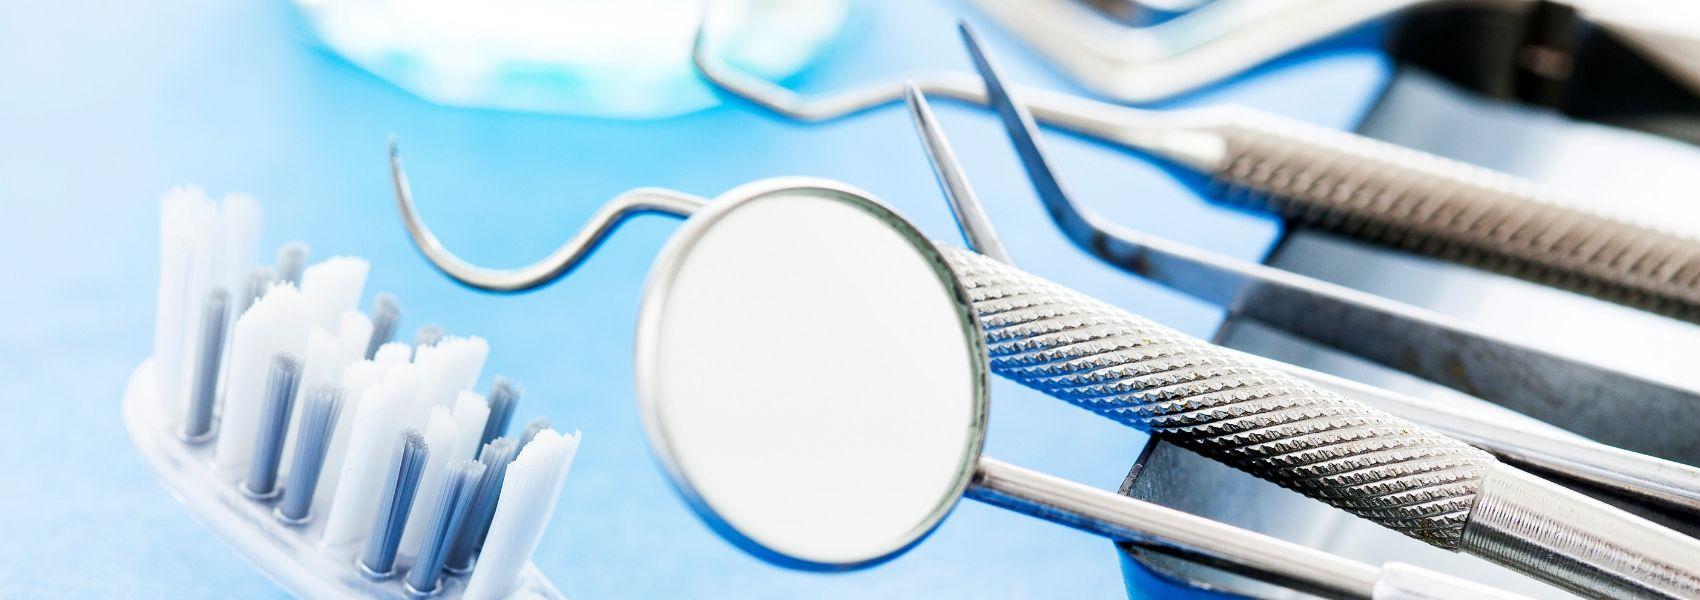 cuidados com a higiene oral nas férias